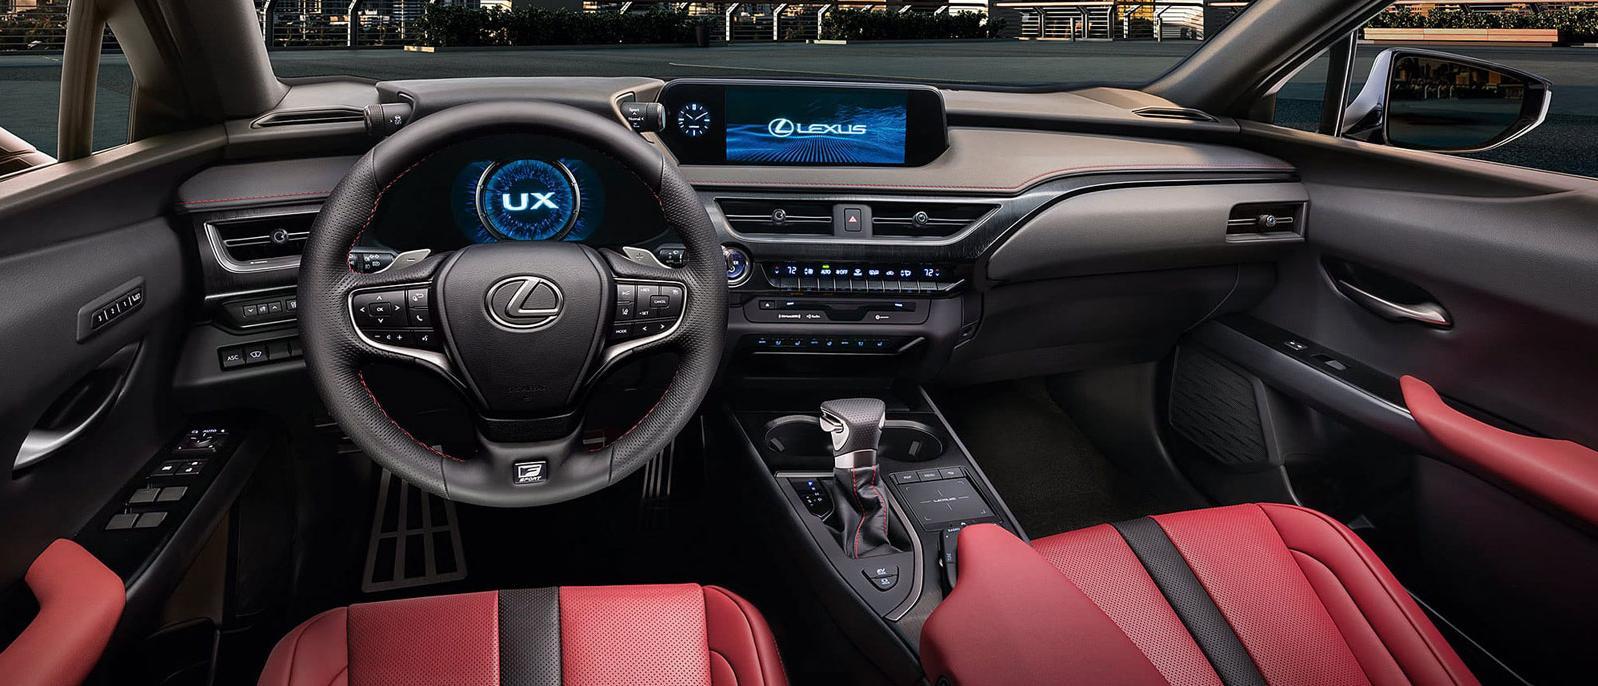 Lexus Ux interni e contachilometri